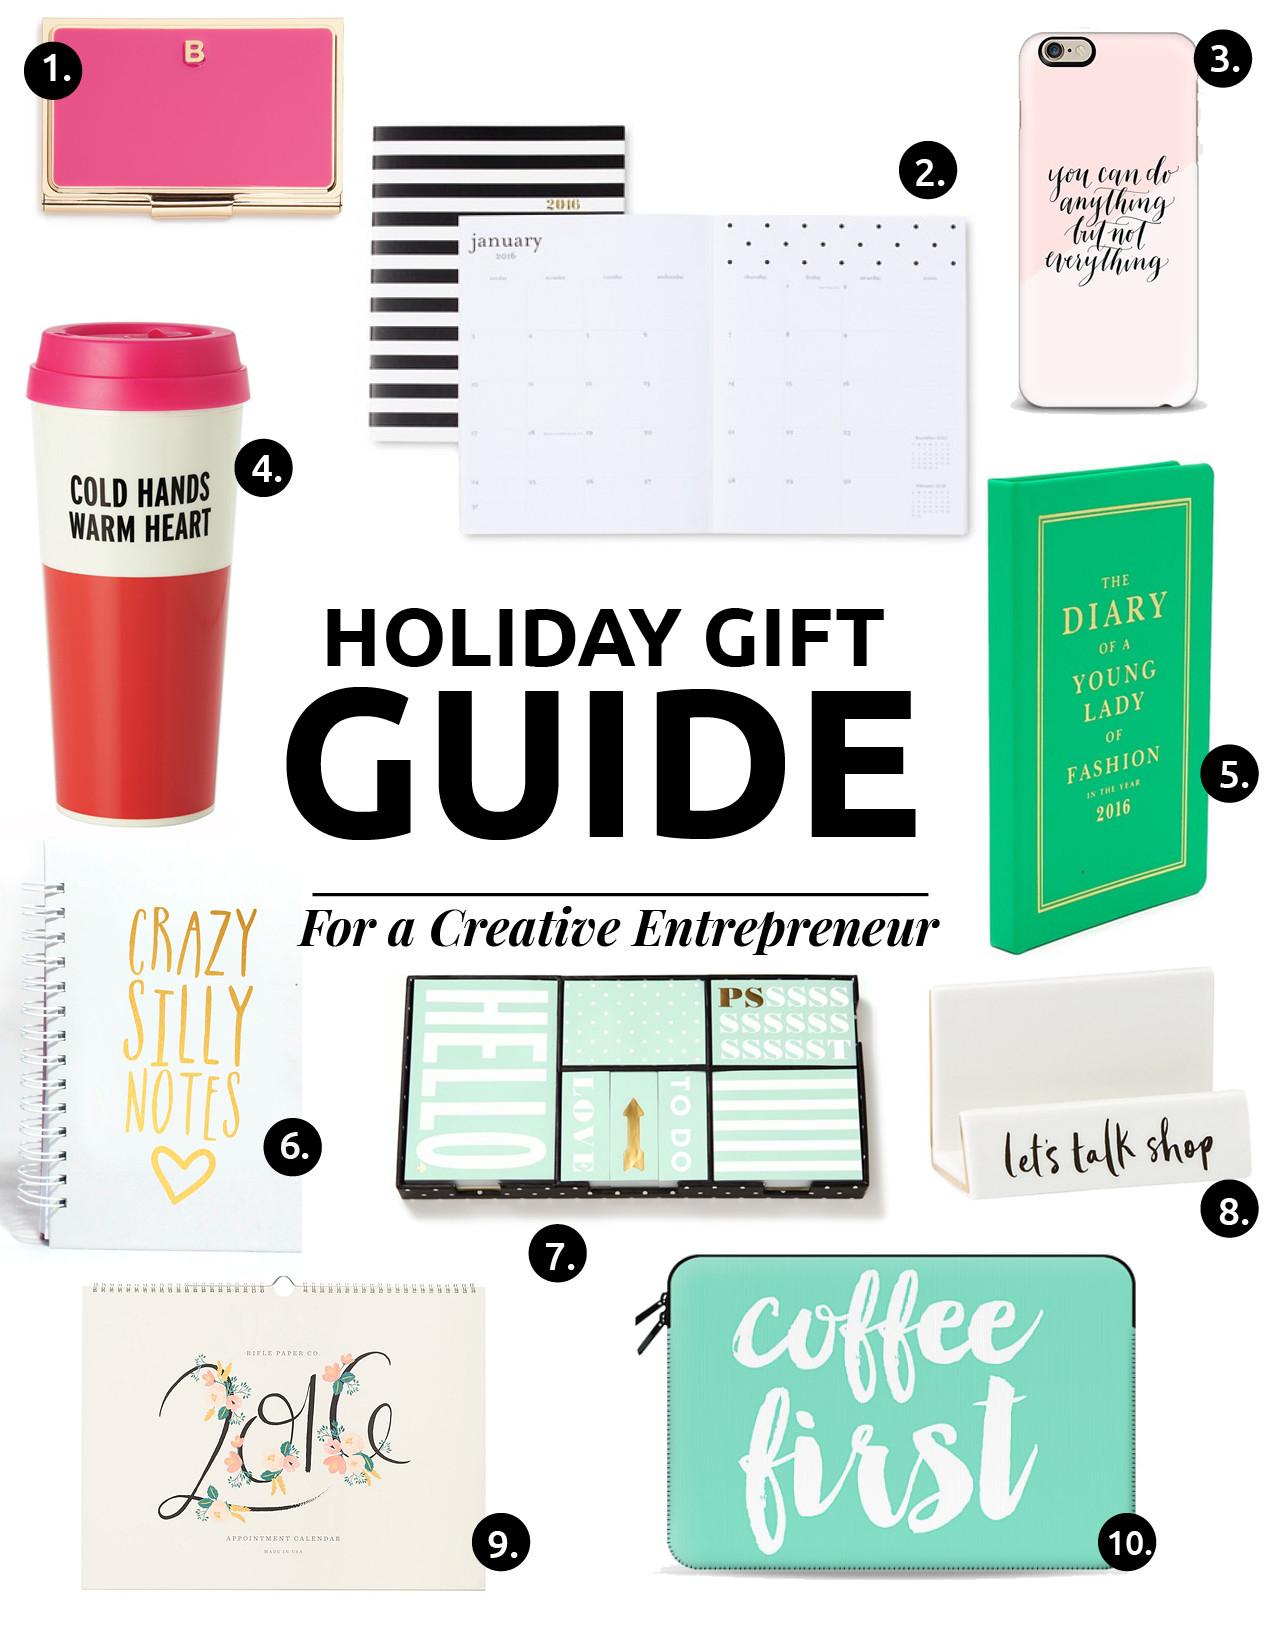 Mi Guía De Regalos Del 2015 Perfecta Para Creativos // ¡Consigue el regalo perfecto! La guía de regalos completa para un emprendedor creativo, una anfitriona elegante y lo que TODA CHICA necesita.